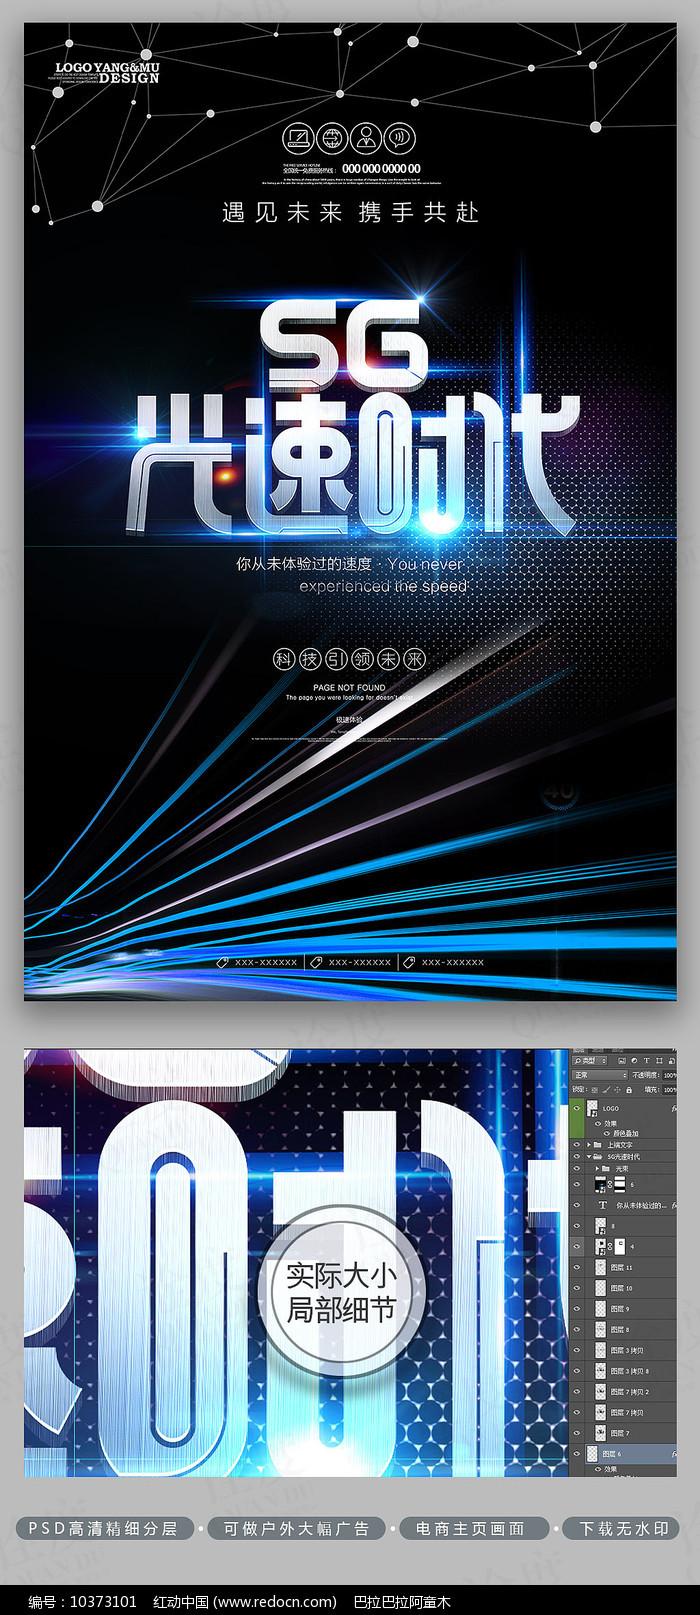 黑色炫酷创意科技光速时代5G海报图片